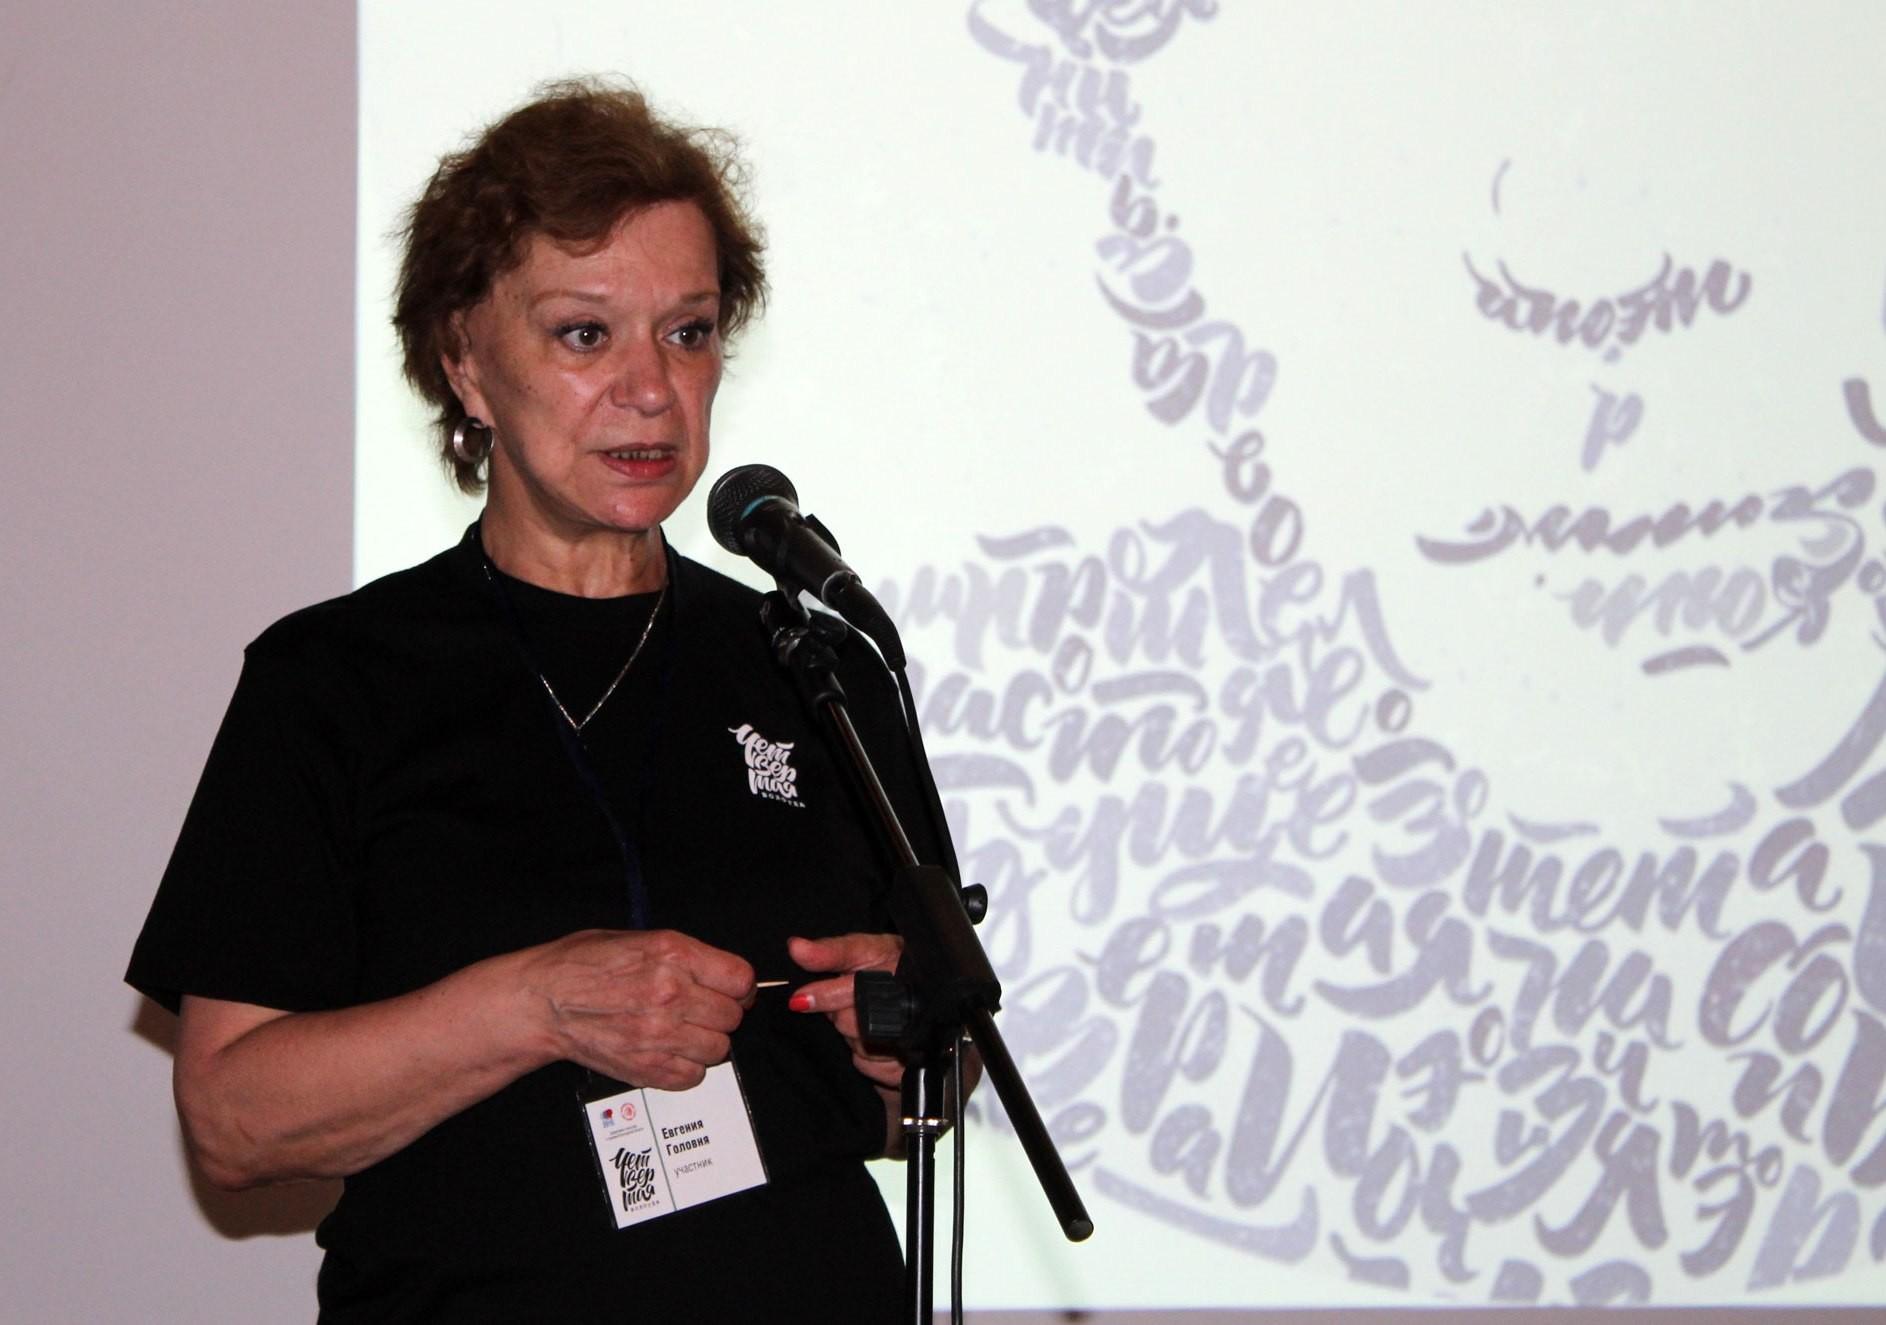 Режиссер-документалист Евгения Головня скончалась ввозрасте 67 лет